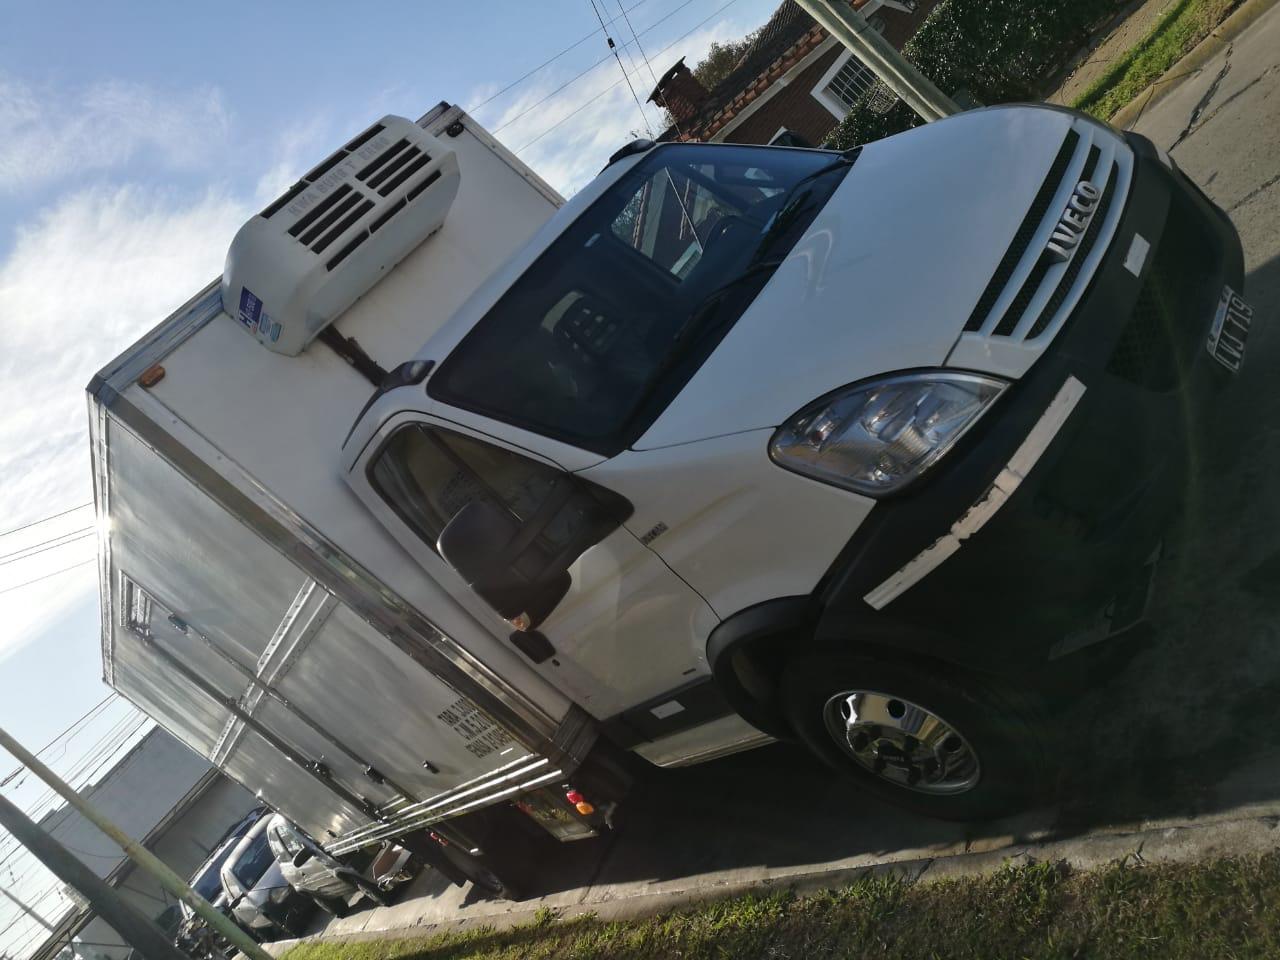 Vendo o permuto iveco daily 70c16 furgon trmico, equipo de frio y pala para congelados